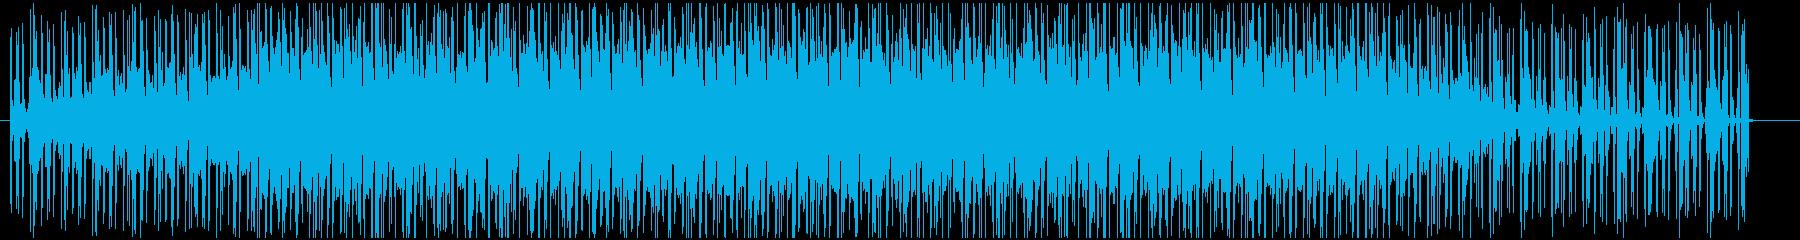 アプリゲームのメニュー画面っぽいBGMの再生済みの波形